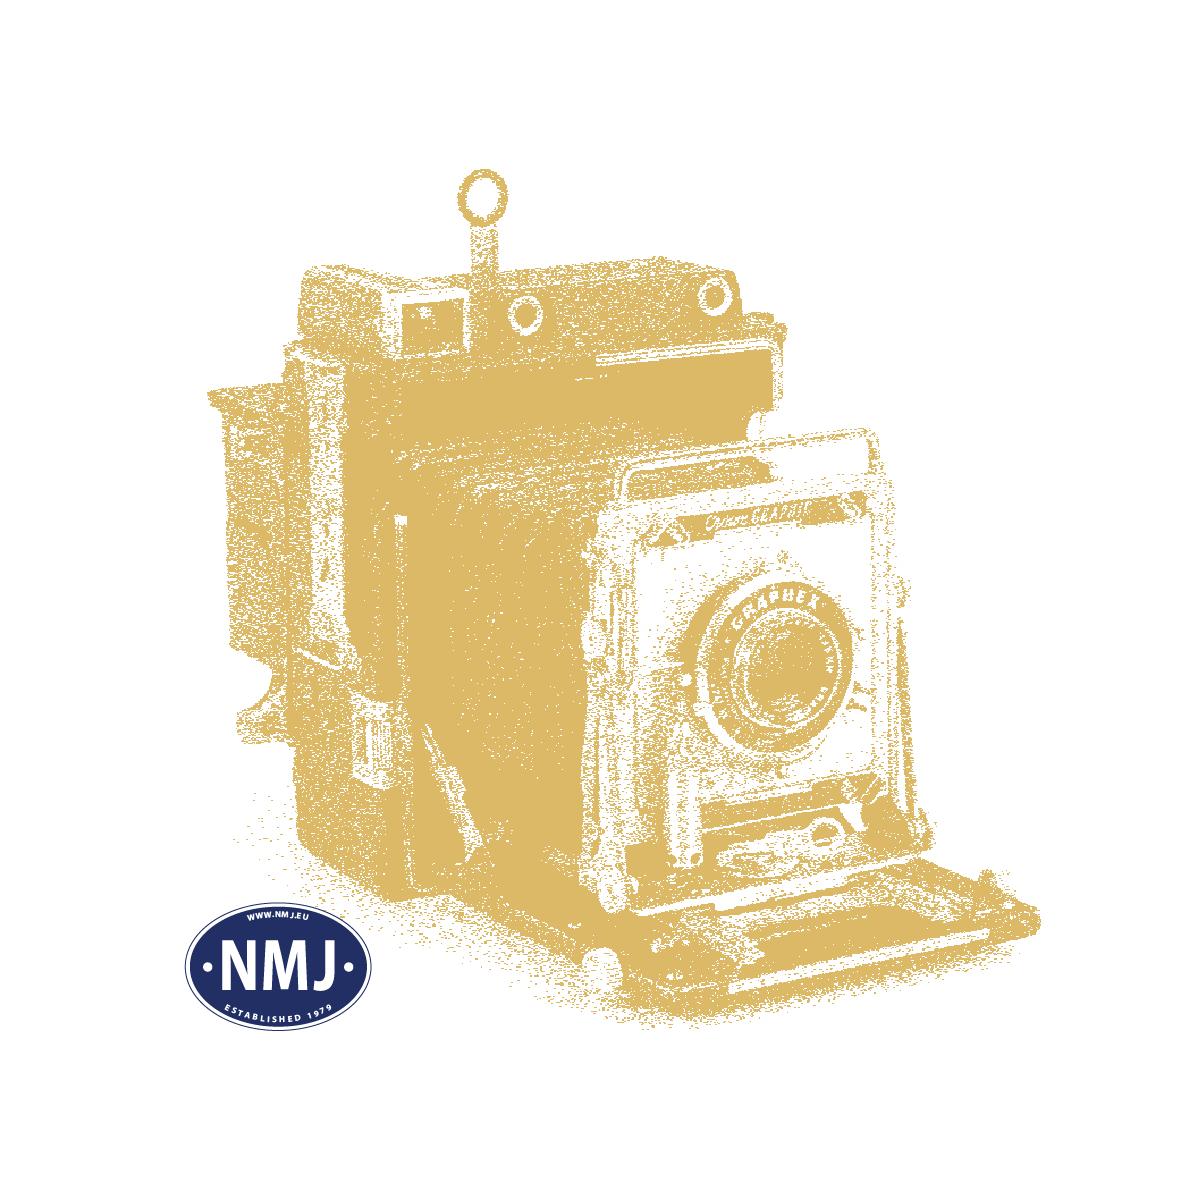 NMJT504.203 - NMJ Topline NSB G5 44201, type 2, Original Versjon